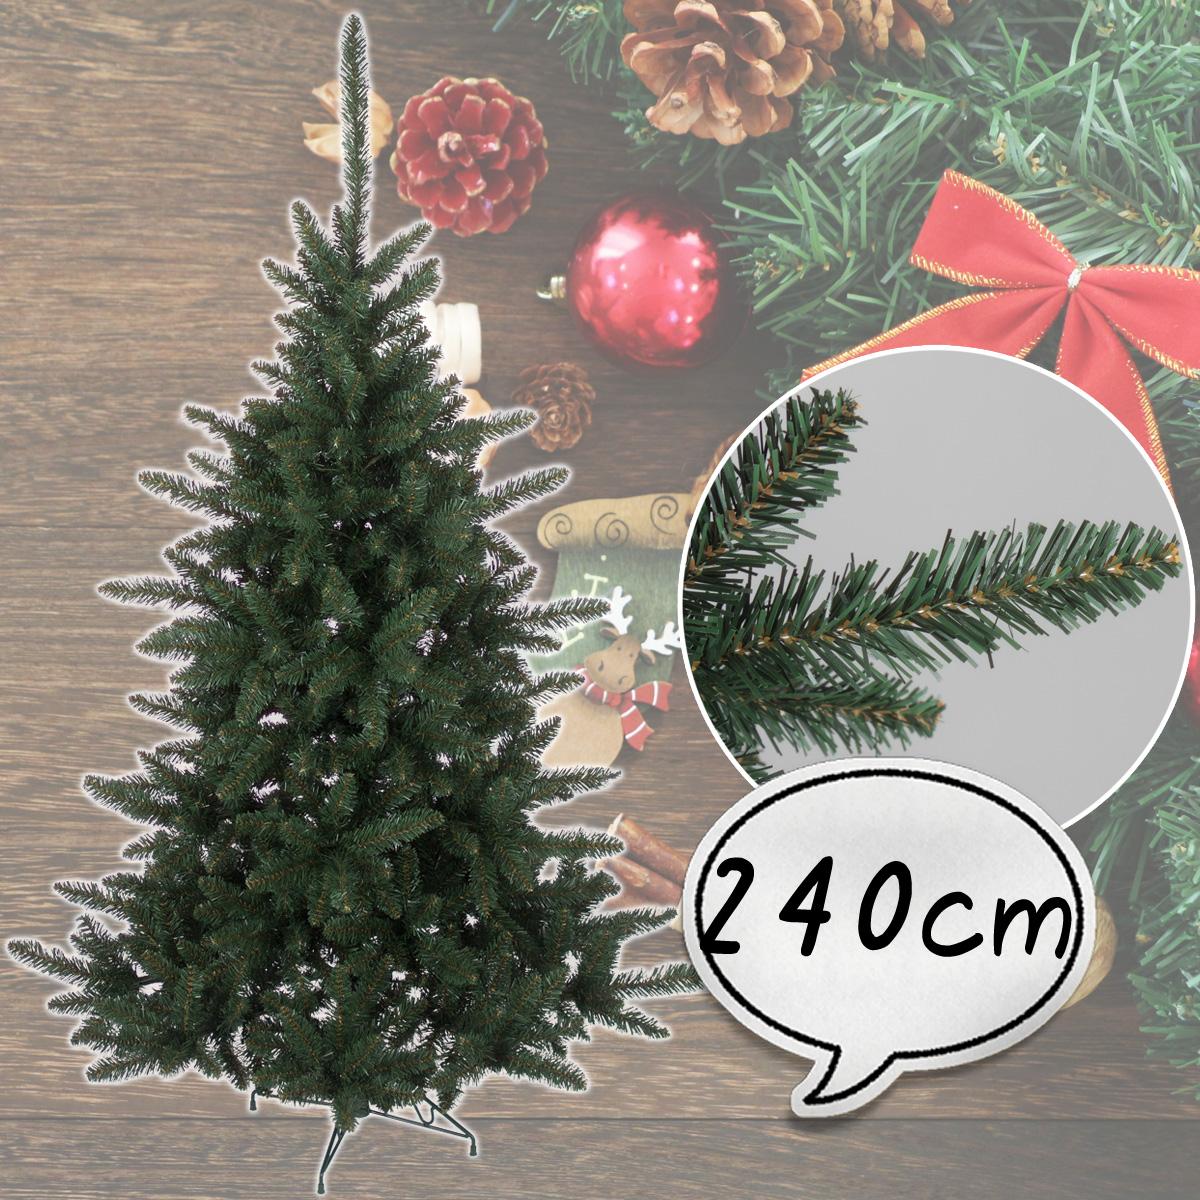 クリスマスツリー 240cm [ツリー 木 単品 ] 高品質 ロイヤルモントレーツリー 北欧 おしゃれ 【10月中旬入荷予定】